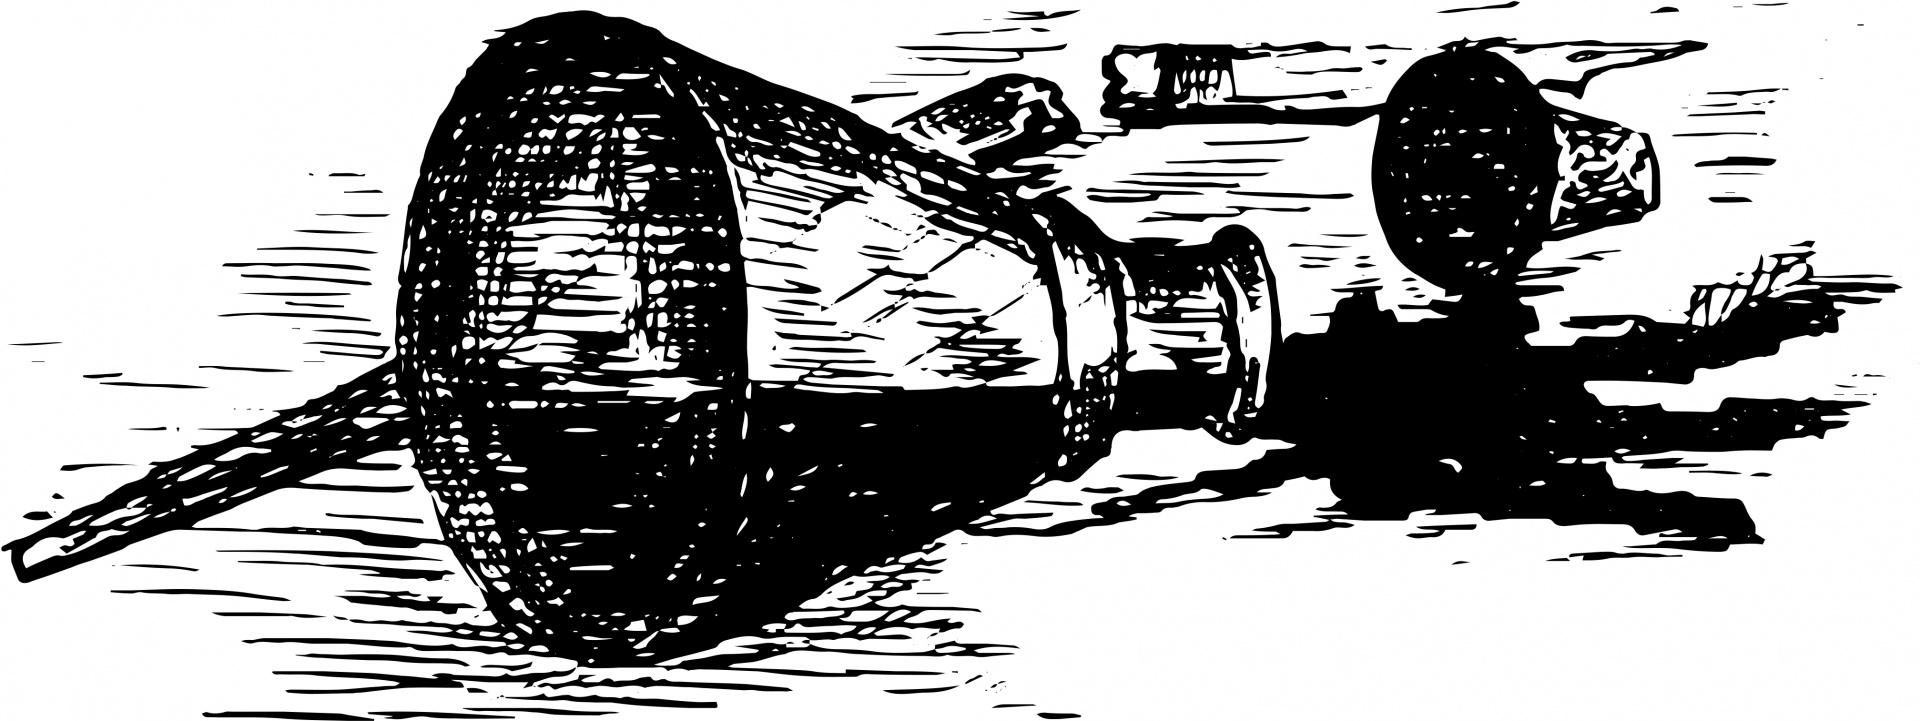 Resultado de imagem para spilled ink